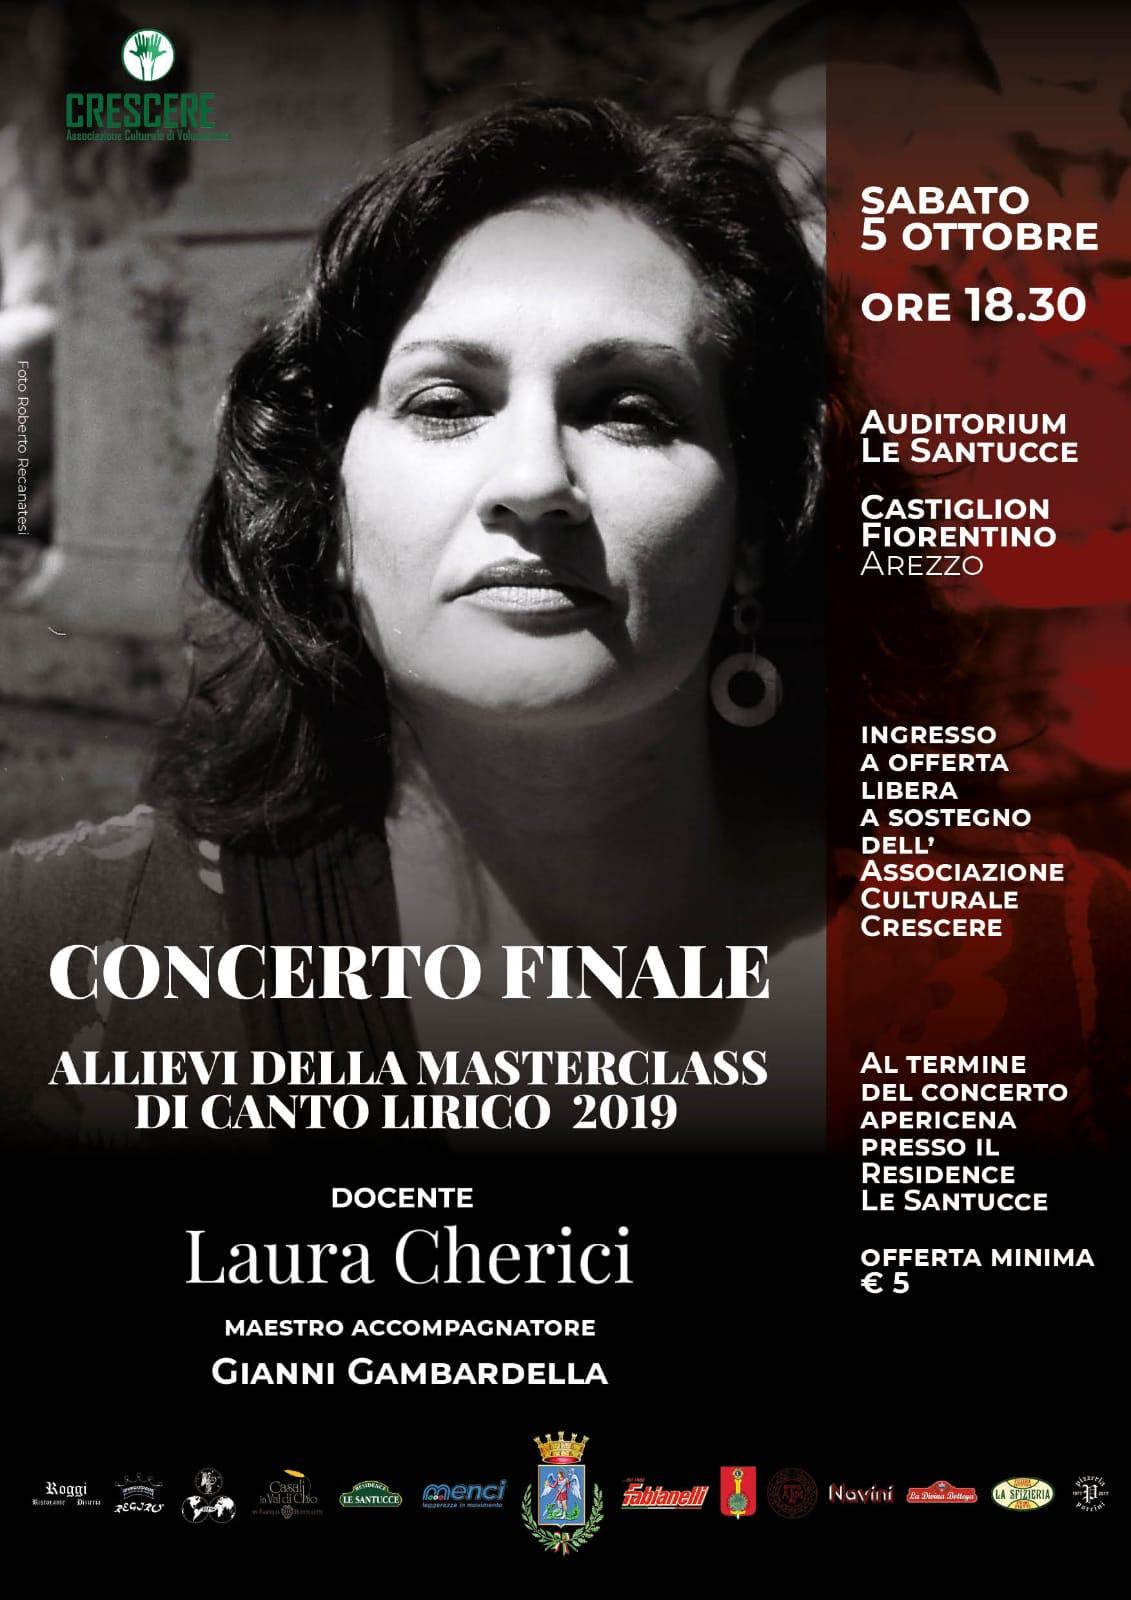 Masterclass in canto lirico con Laura Cherici: formazione e solidarietà